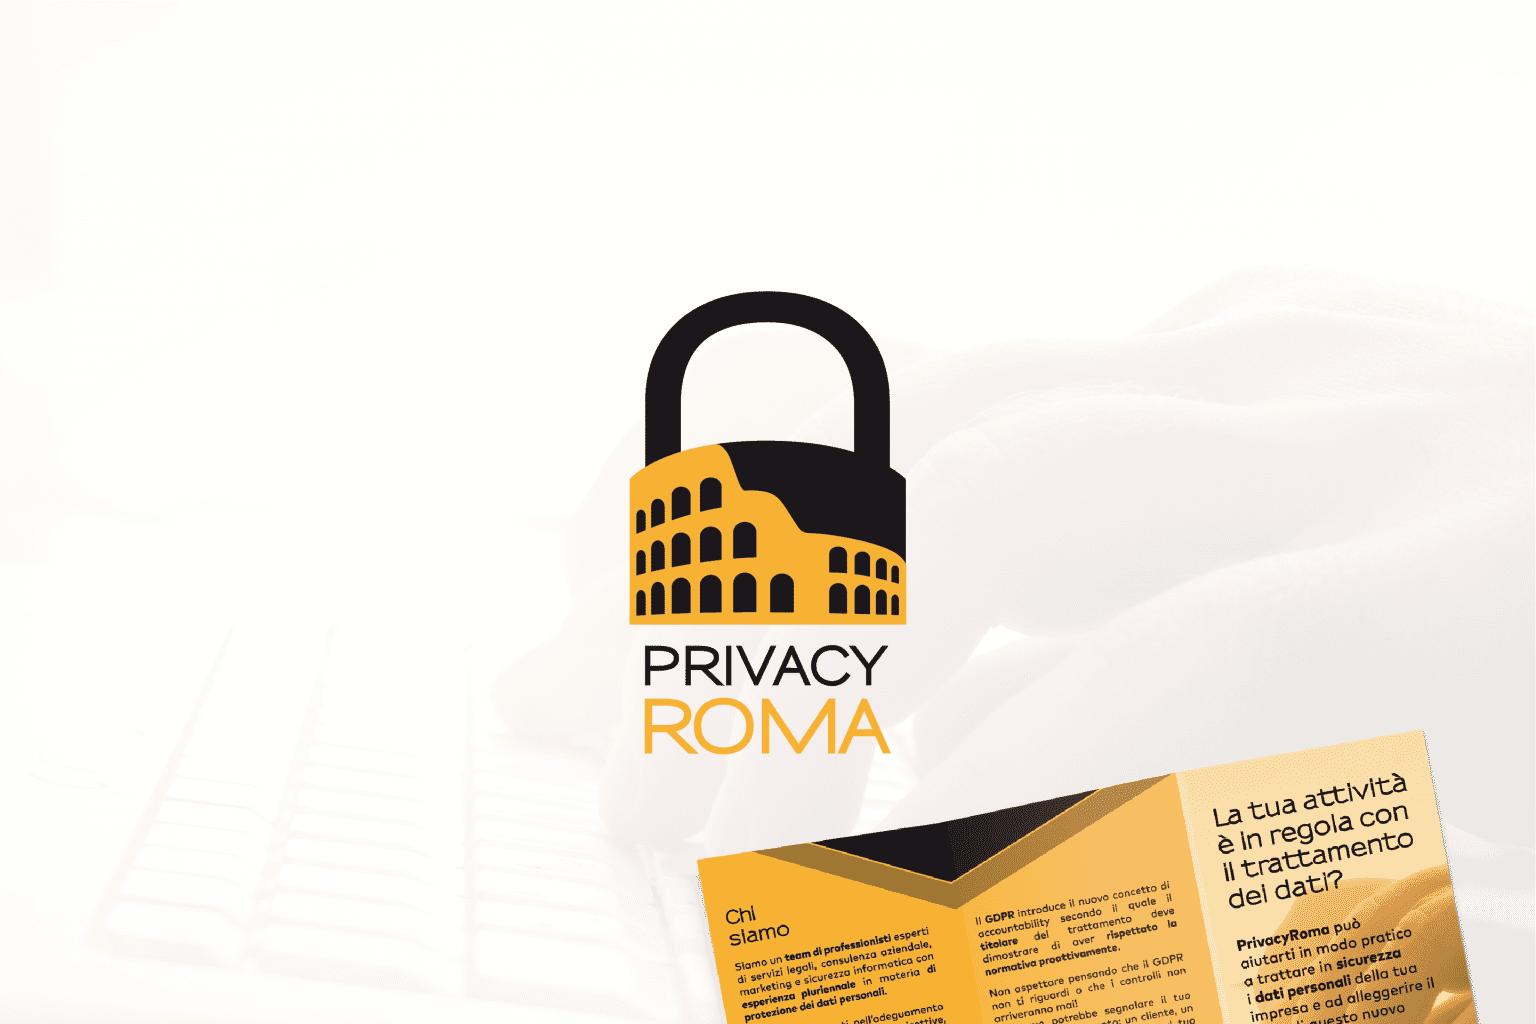 PrivacyRoma cover - stilographico